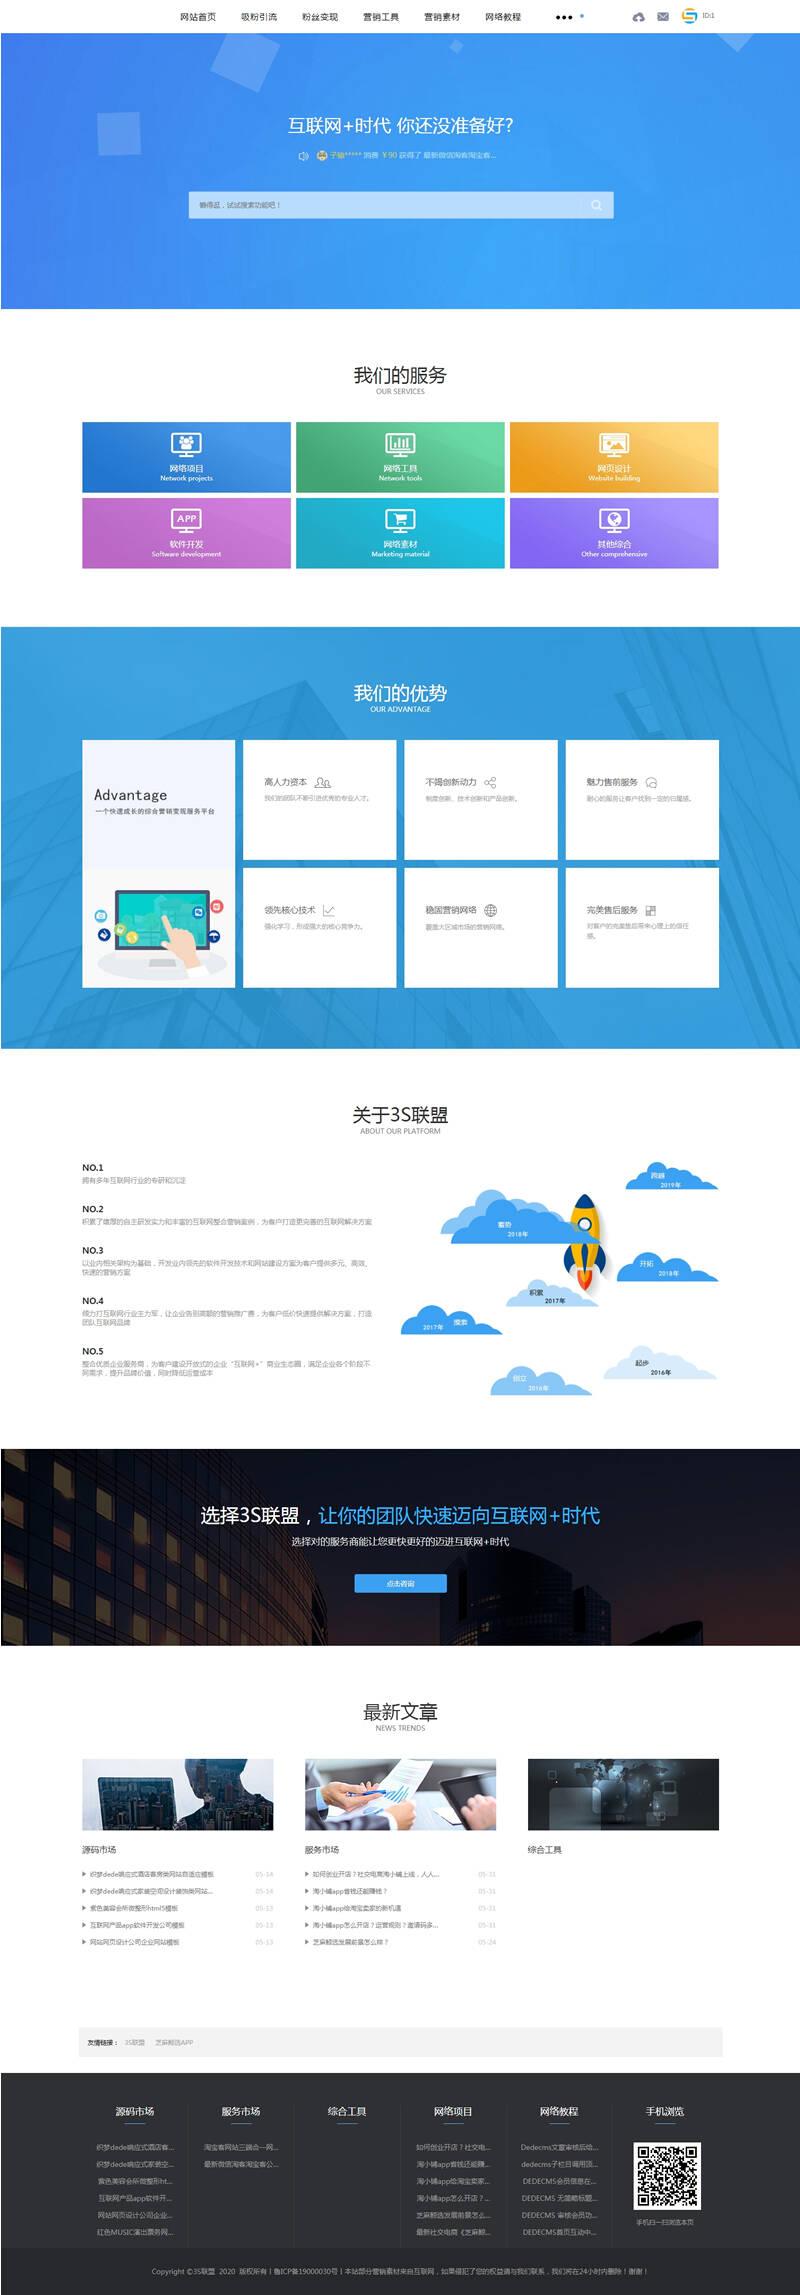 2020素材资源下载网站源码 及虚拟商品交易文章发布官网 织梦模板插图